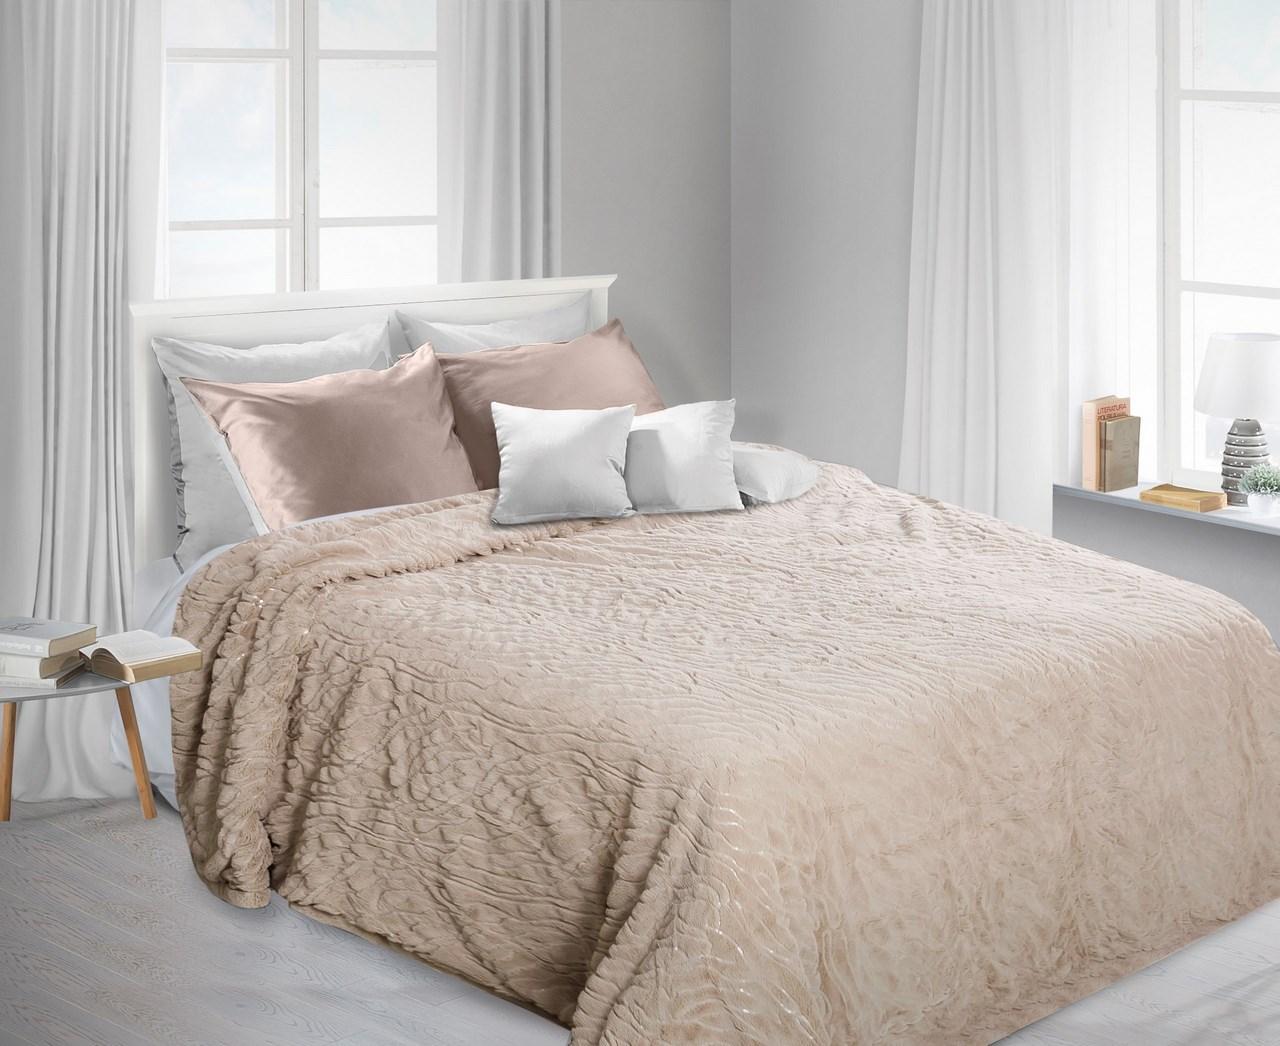 Prehoz na posteľ 240x220 cm - Eurofirany - Lux (béžová). Akcia -22%. Sme autorizovaný predajca Eurofirany. Vlastná spoľahlivá doprava až k Vám domov.